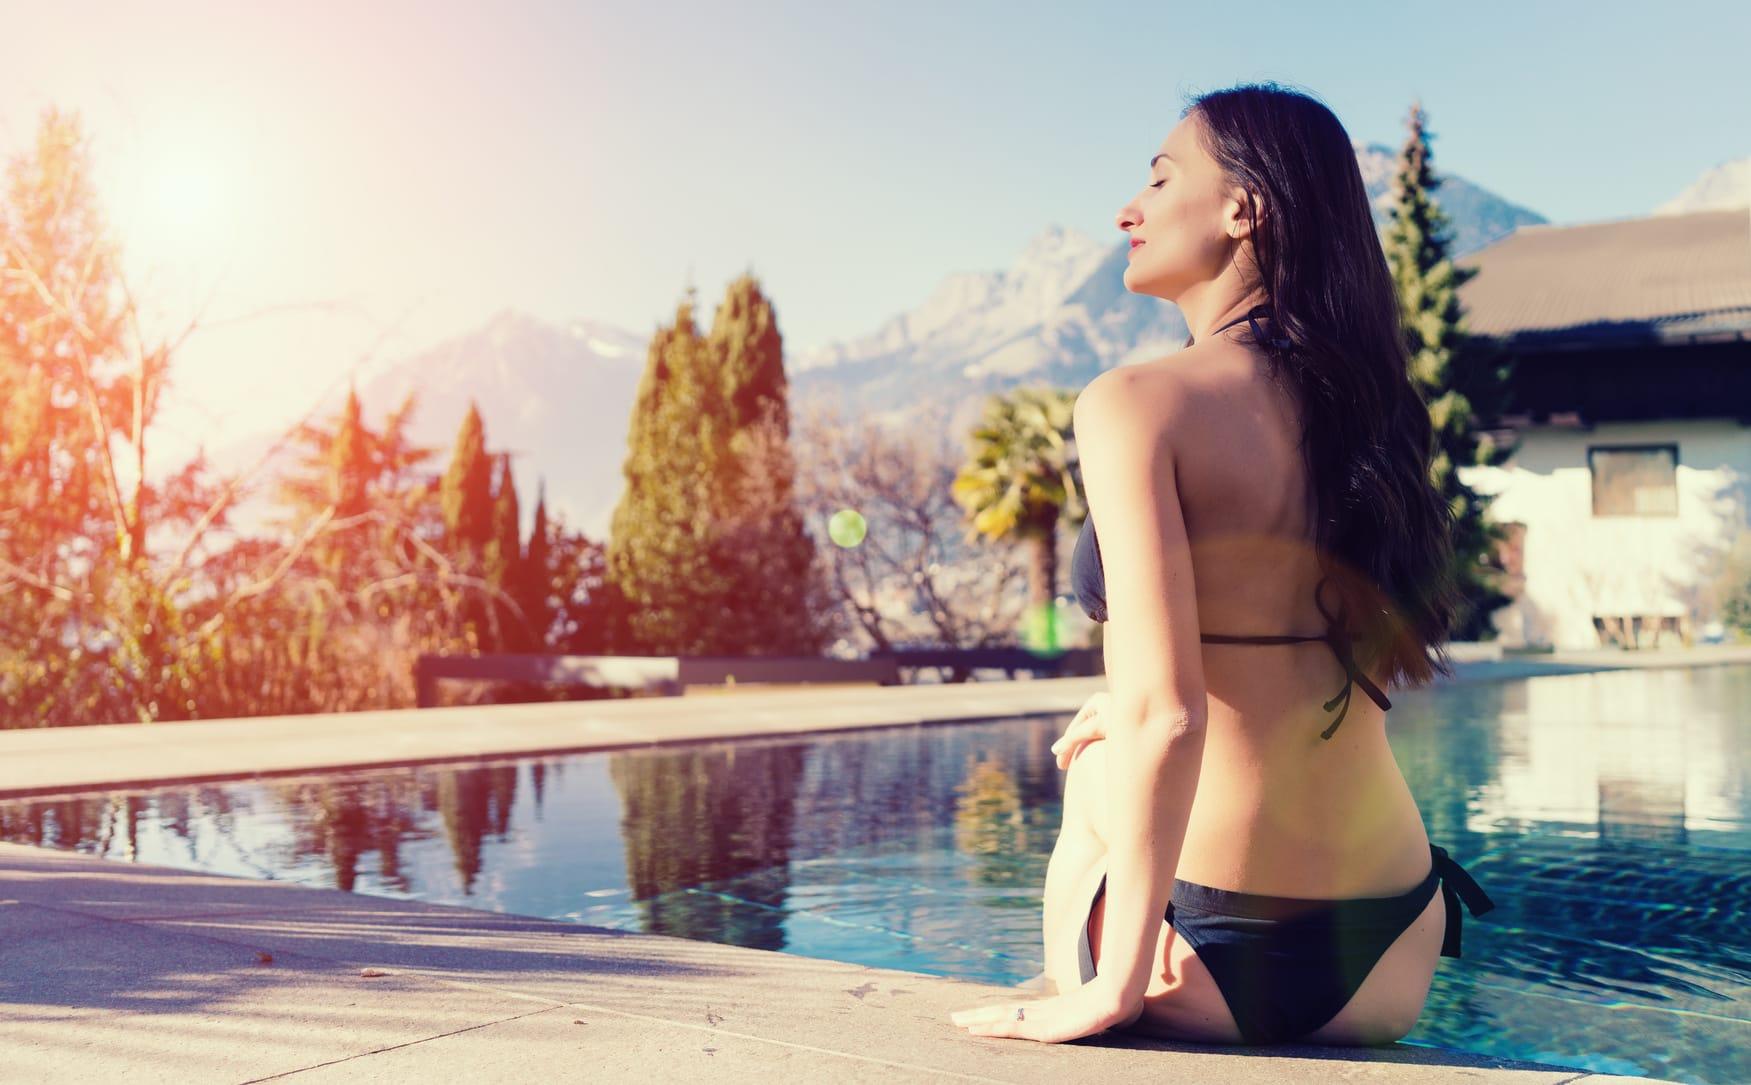 Haus für den Urlaub sichern – Diese Tipps beachten